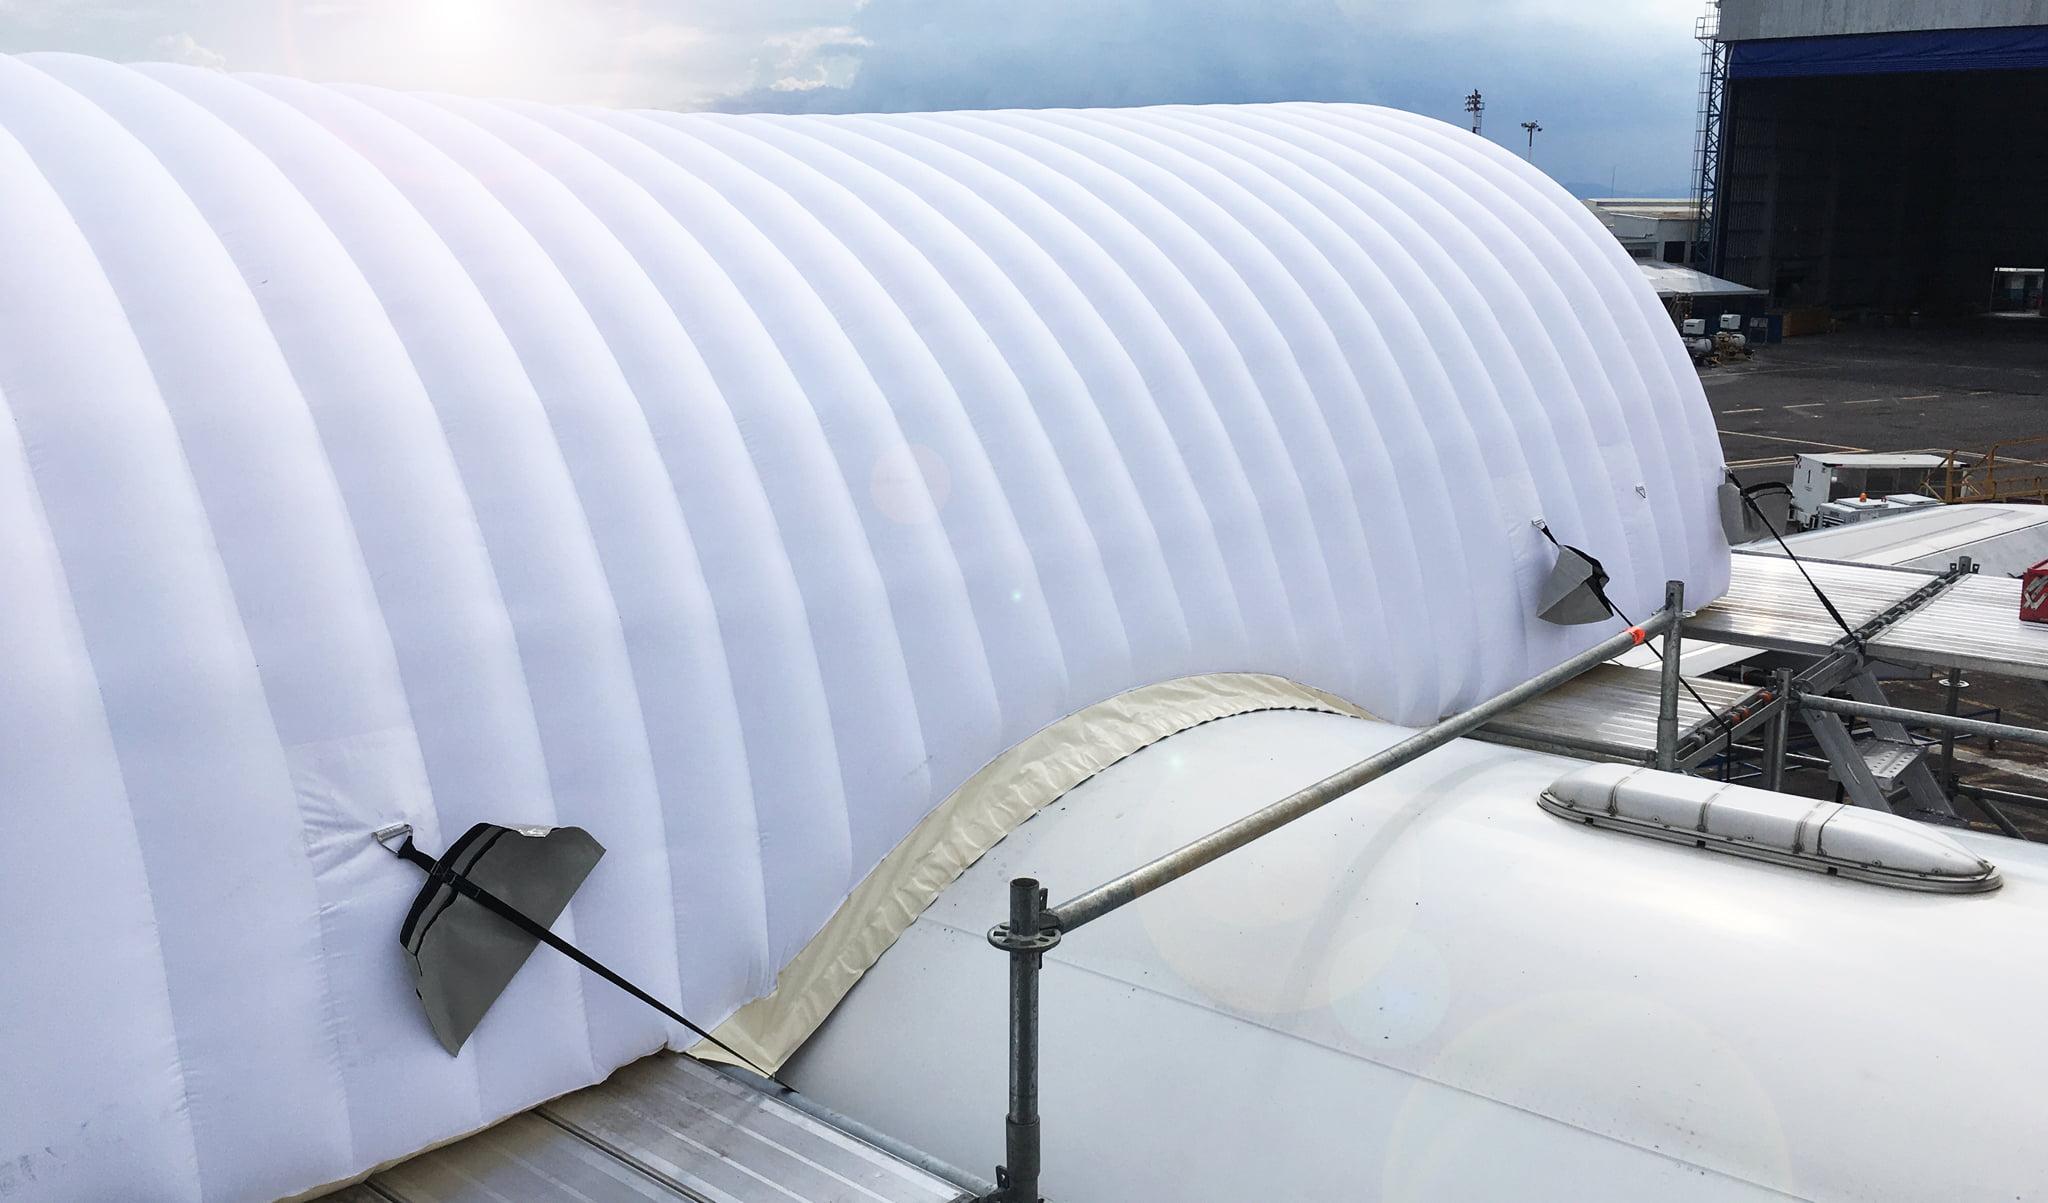 Fuselage repair shelters